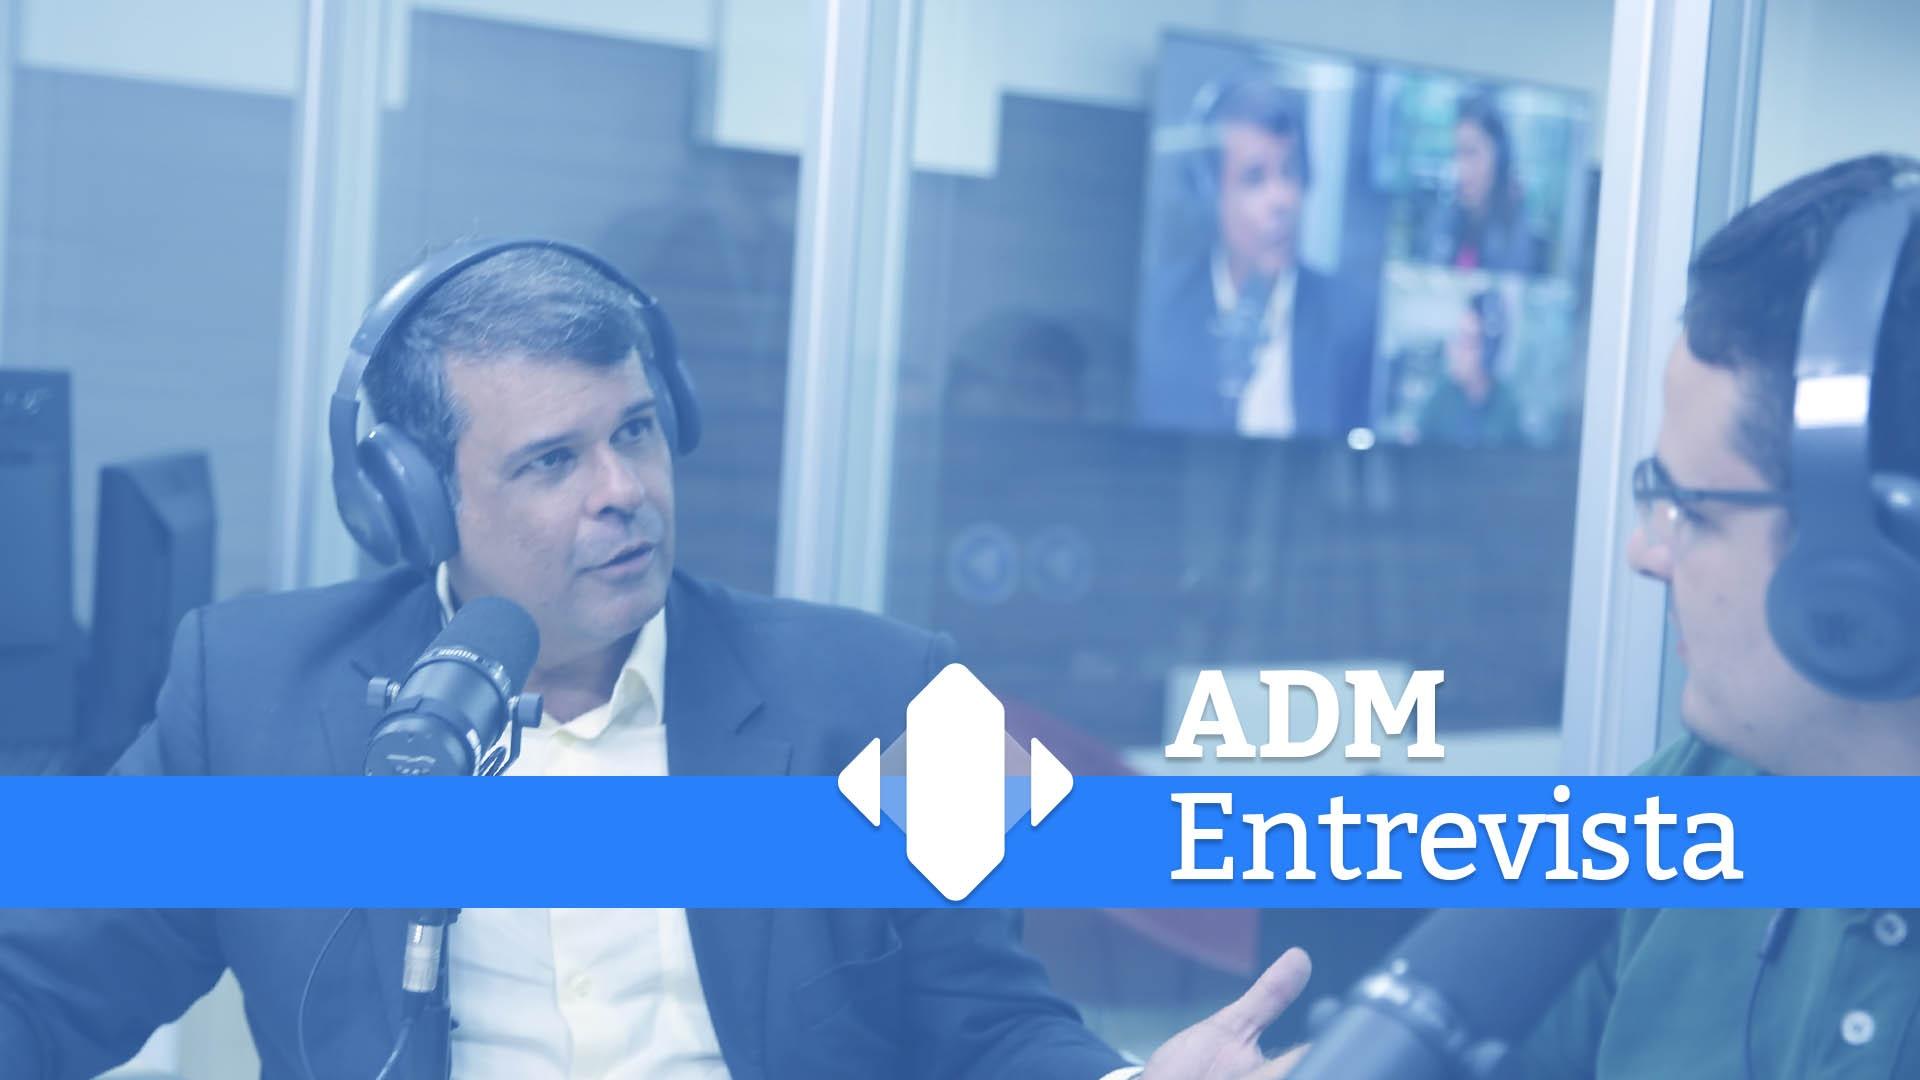 Bate-papo: Fiscalização e registro é destaque no ADM Entrevista